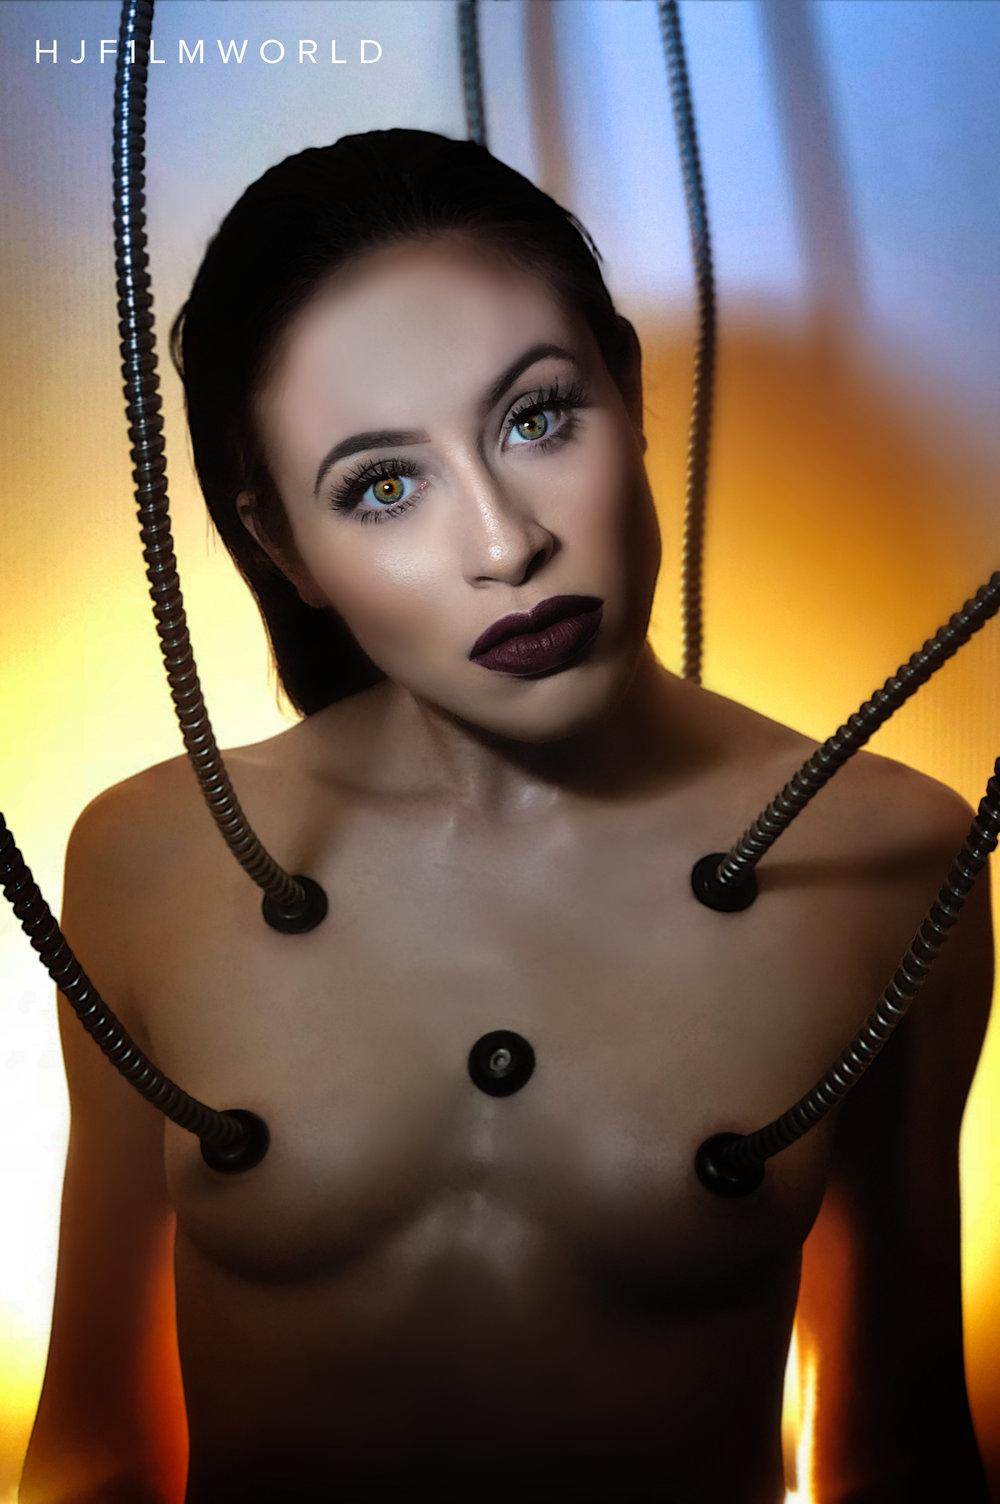 Model: Scarlett Spice